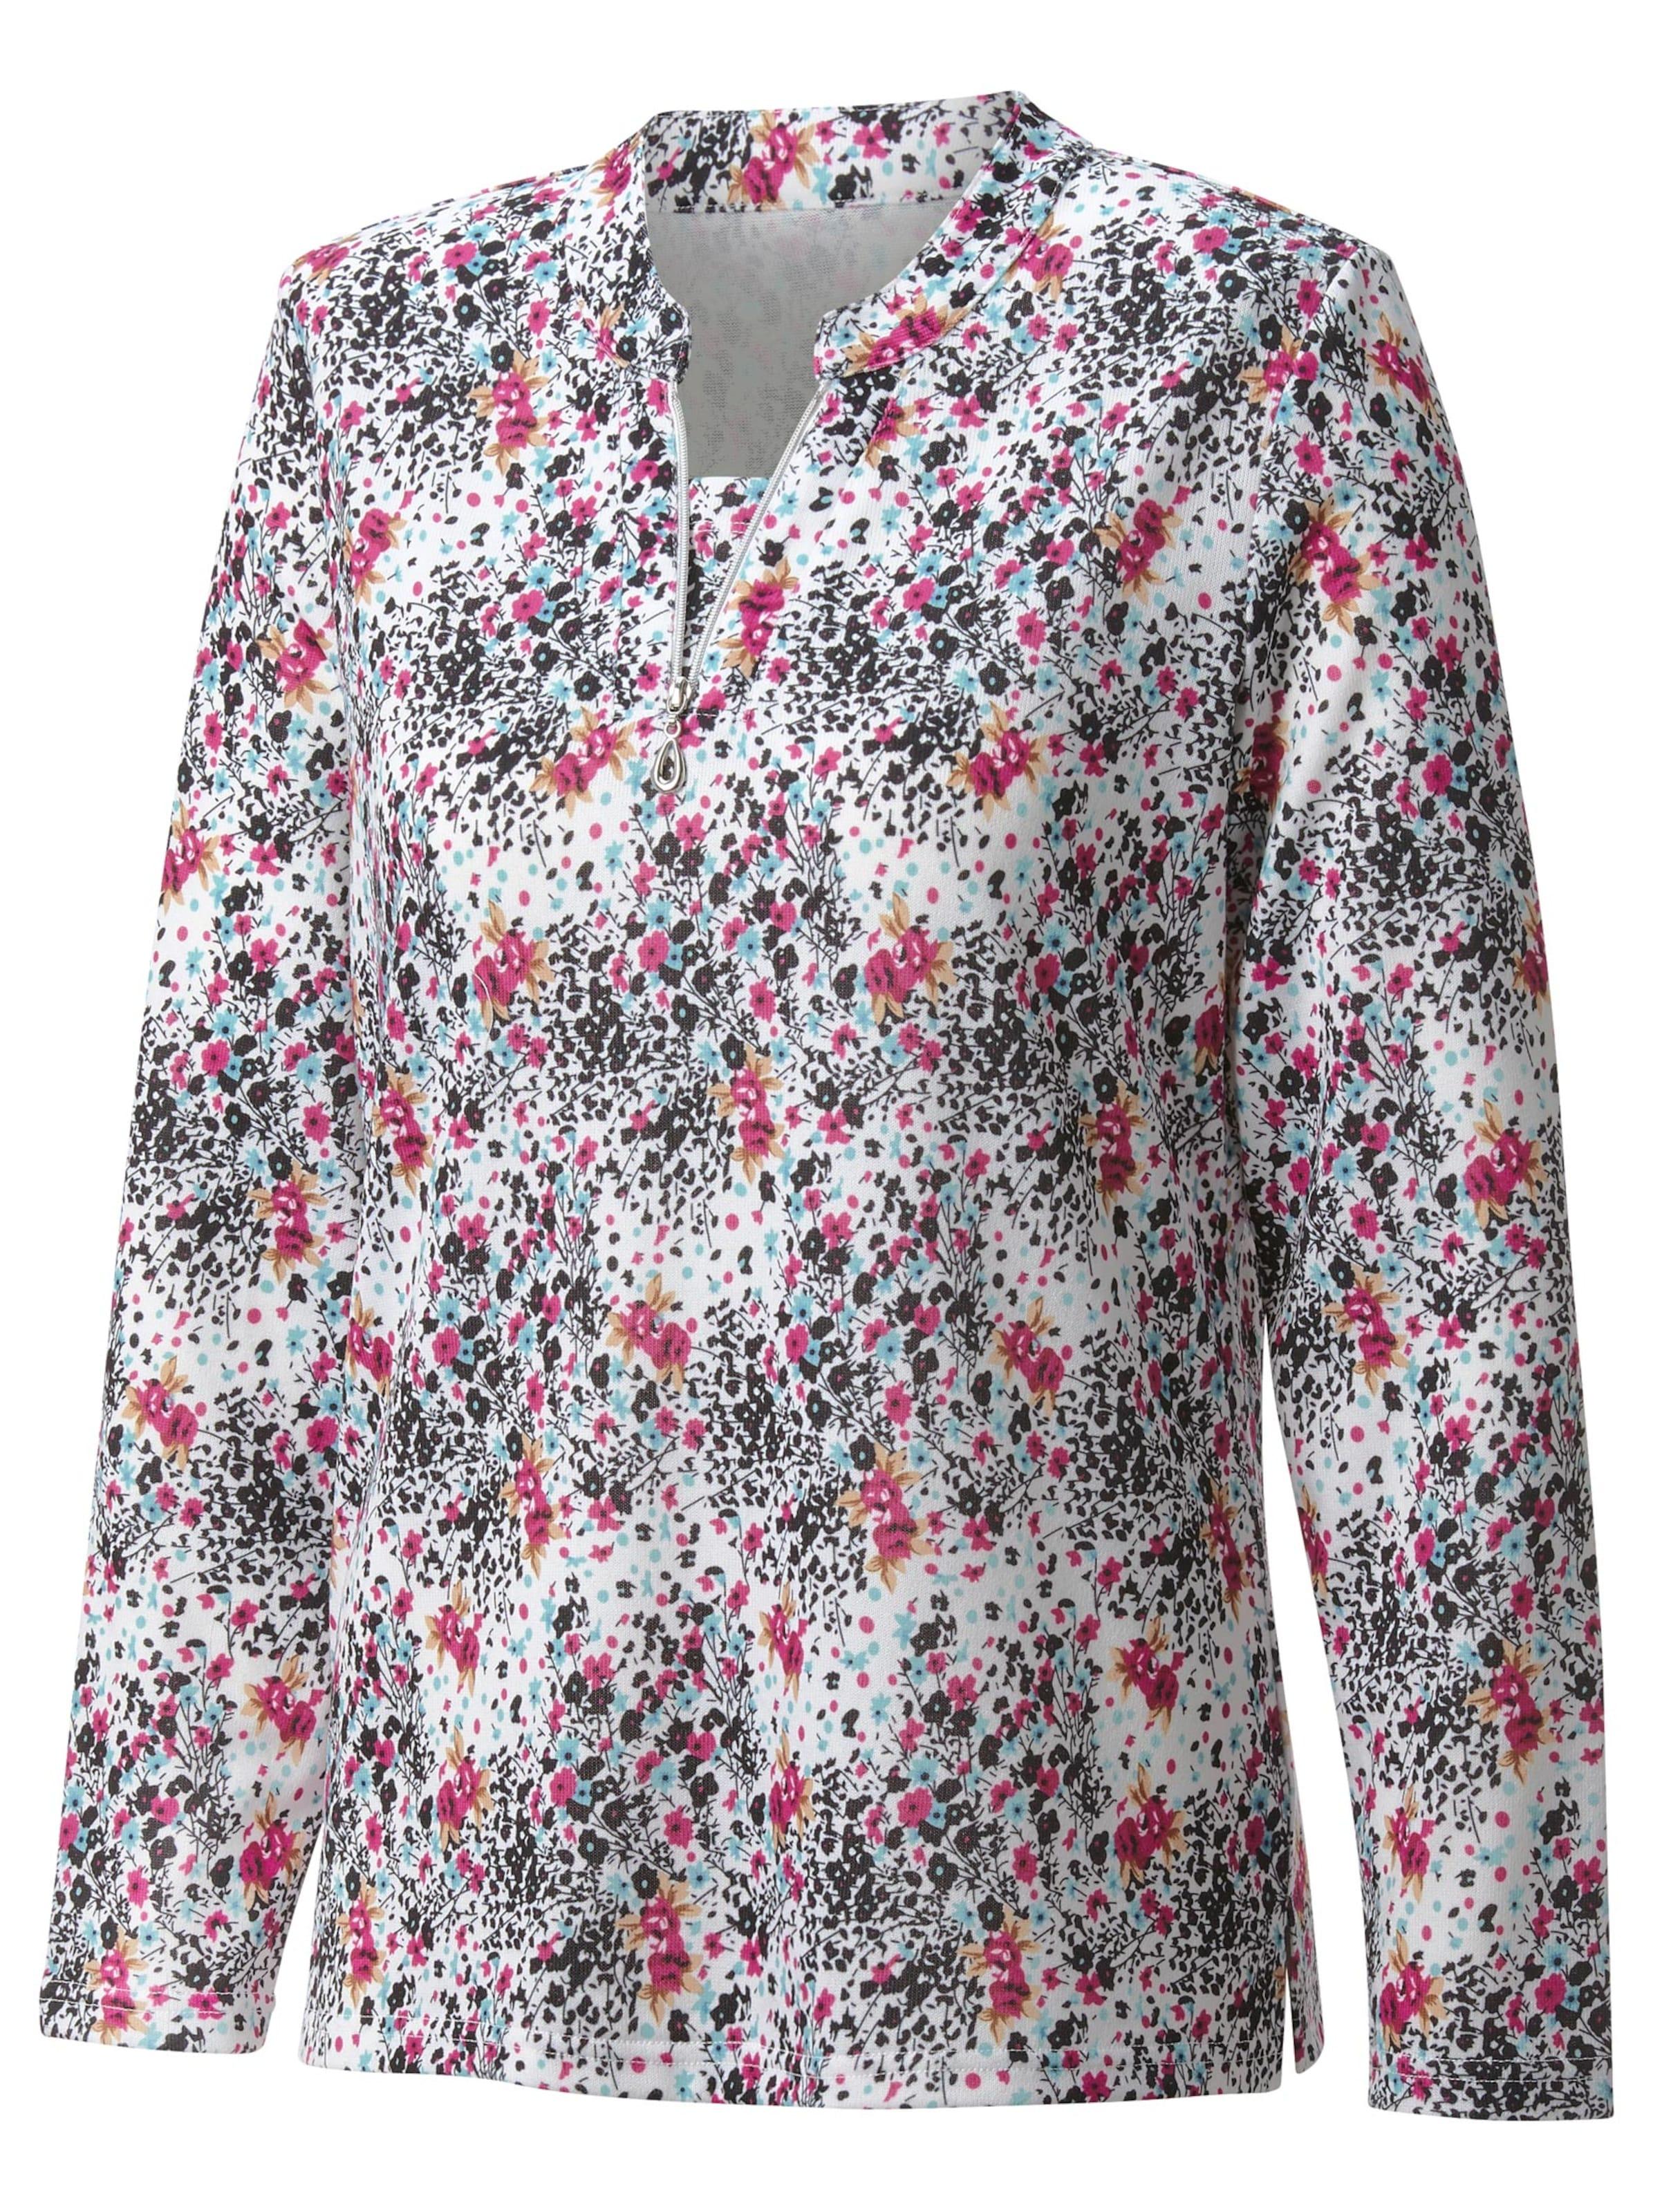 witt weiden -  Damen Winter-Shirt erika-bedruckt